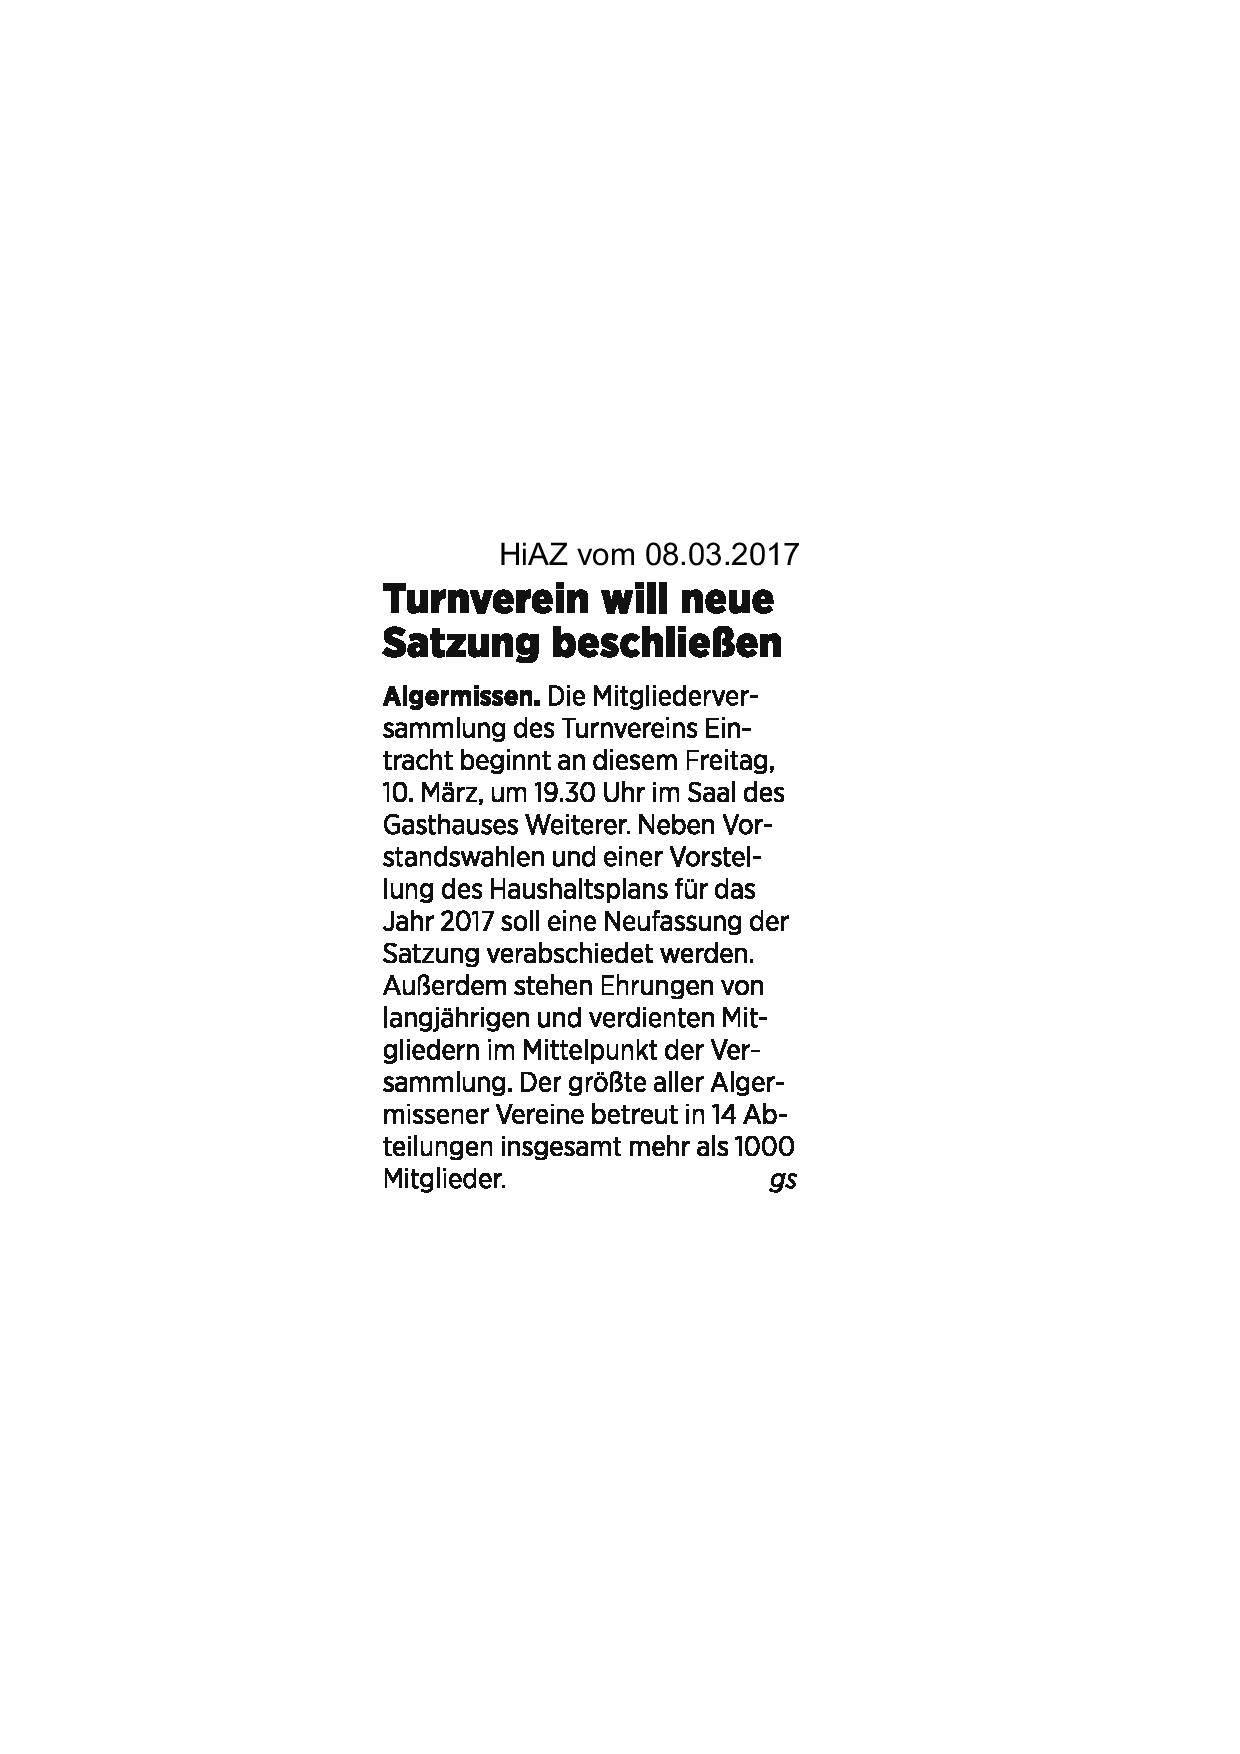 2017_03_08_hiaz_ankuendigung_mitgliederversammlung.pdf-page-001